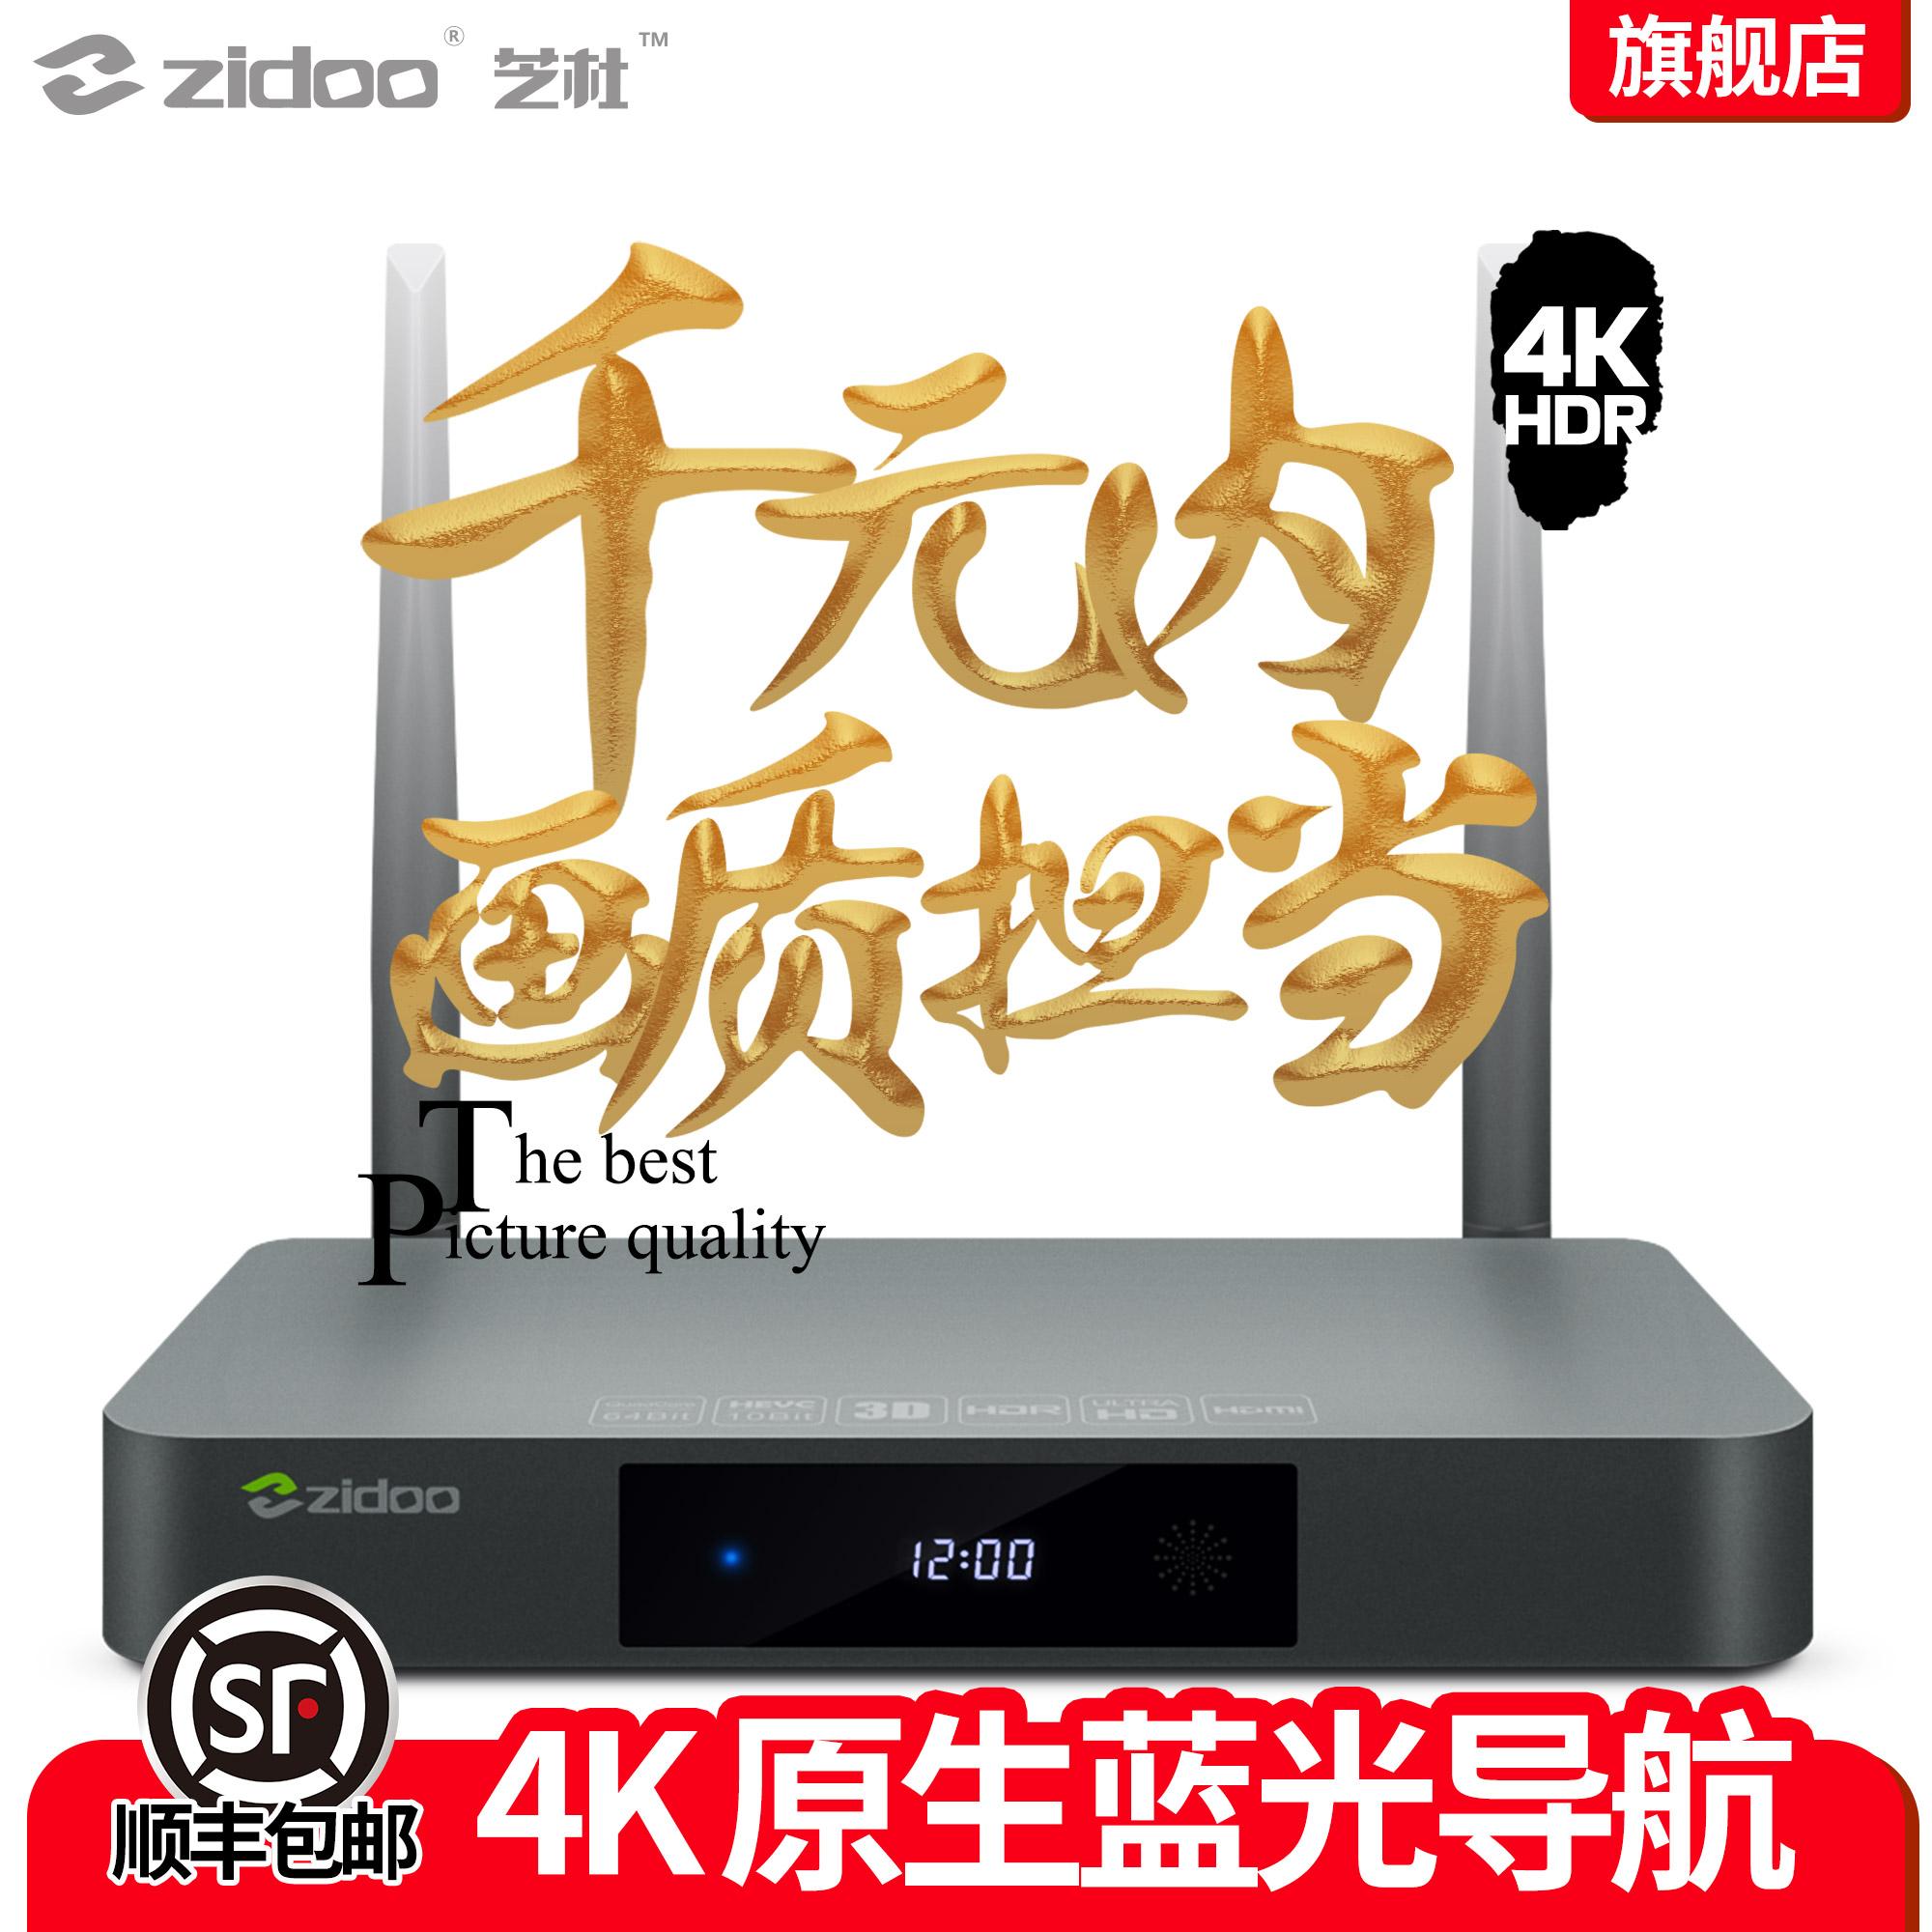 芝杜ZIDOO X9S 4K藍光高清硬碟播放器 網路播放機 3D HDR UHD藍光導航 雙WIFI NAS 高清播放器機頂盒 畫質王